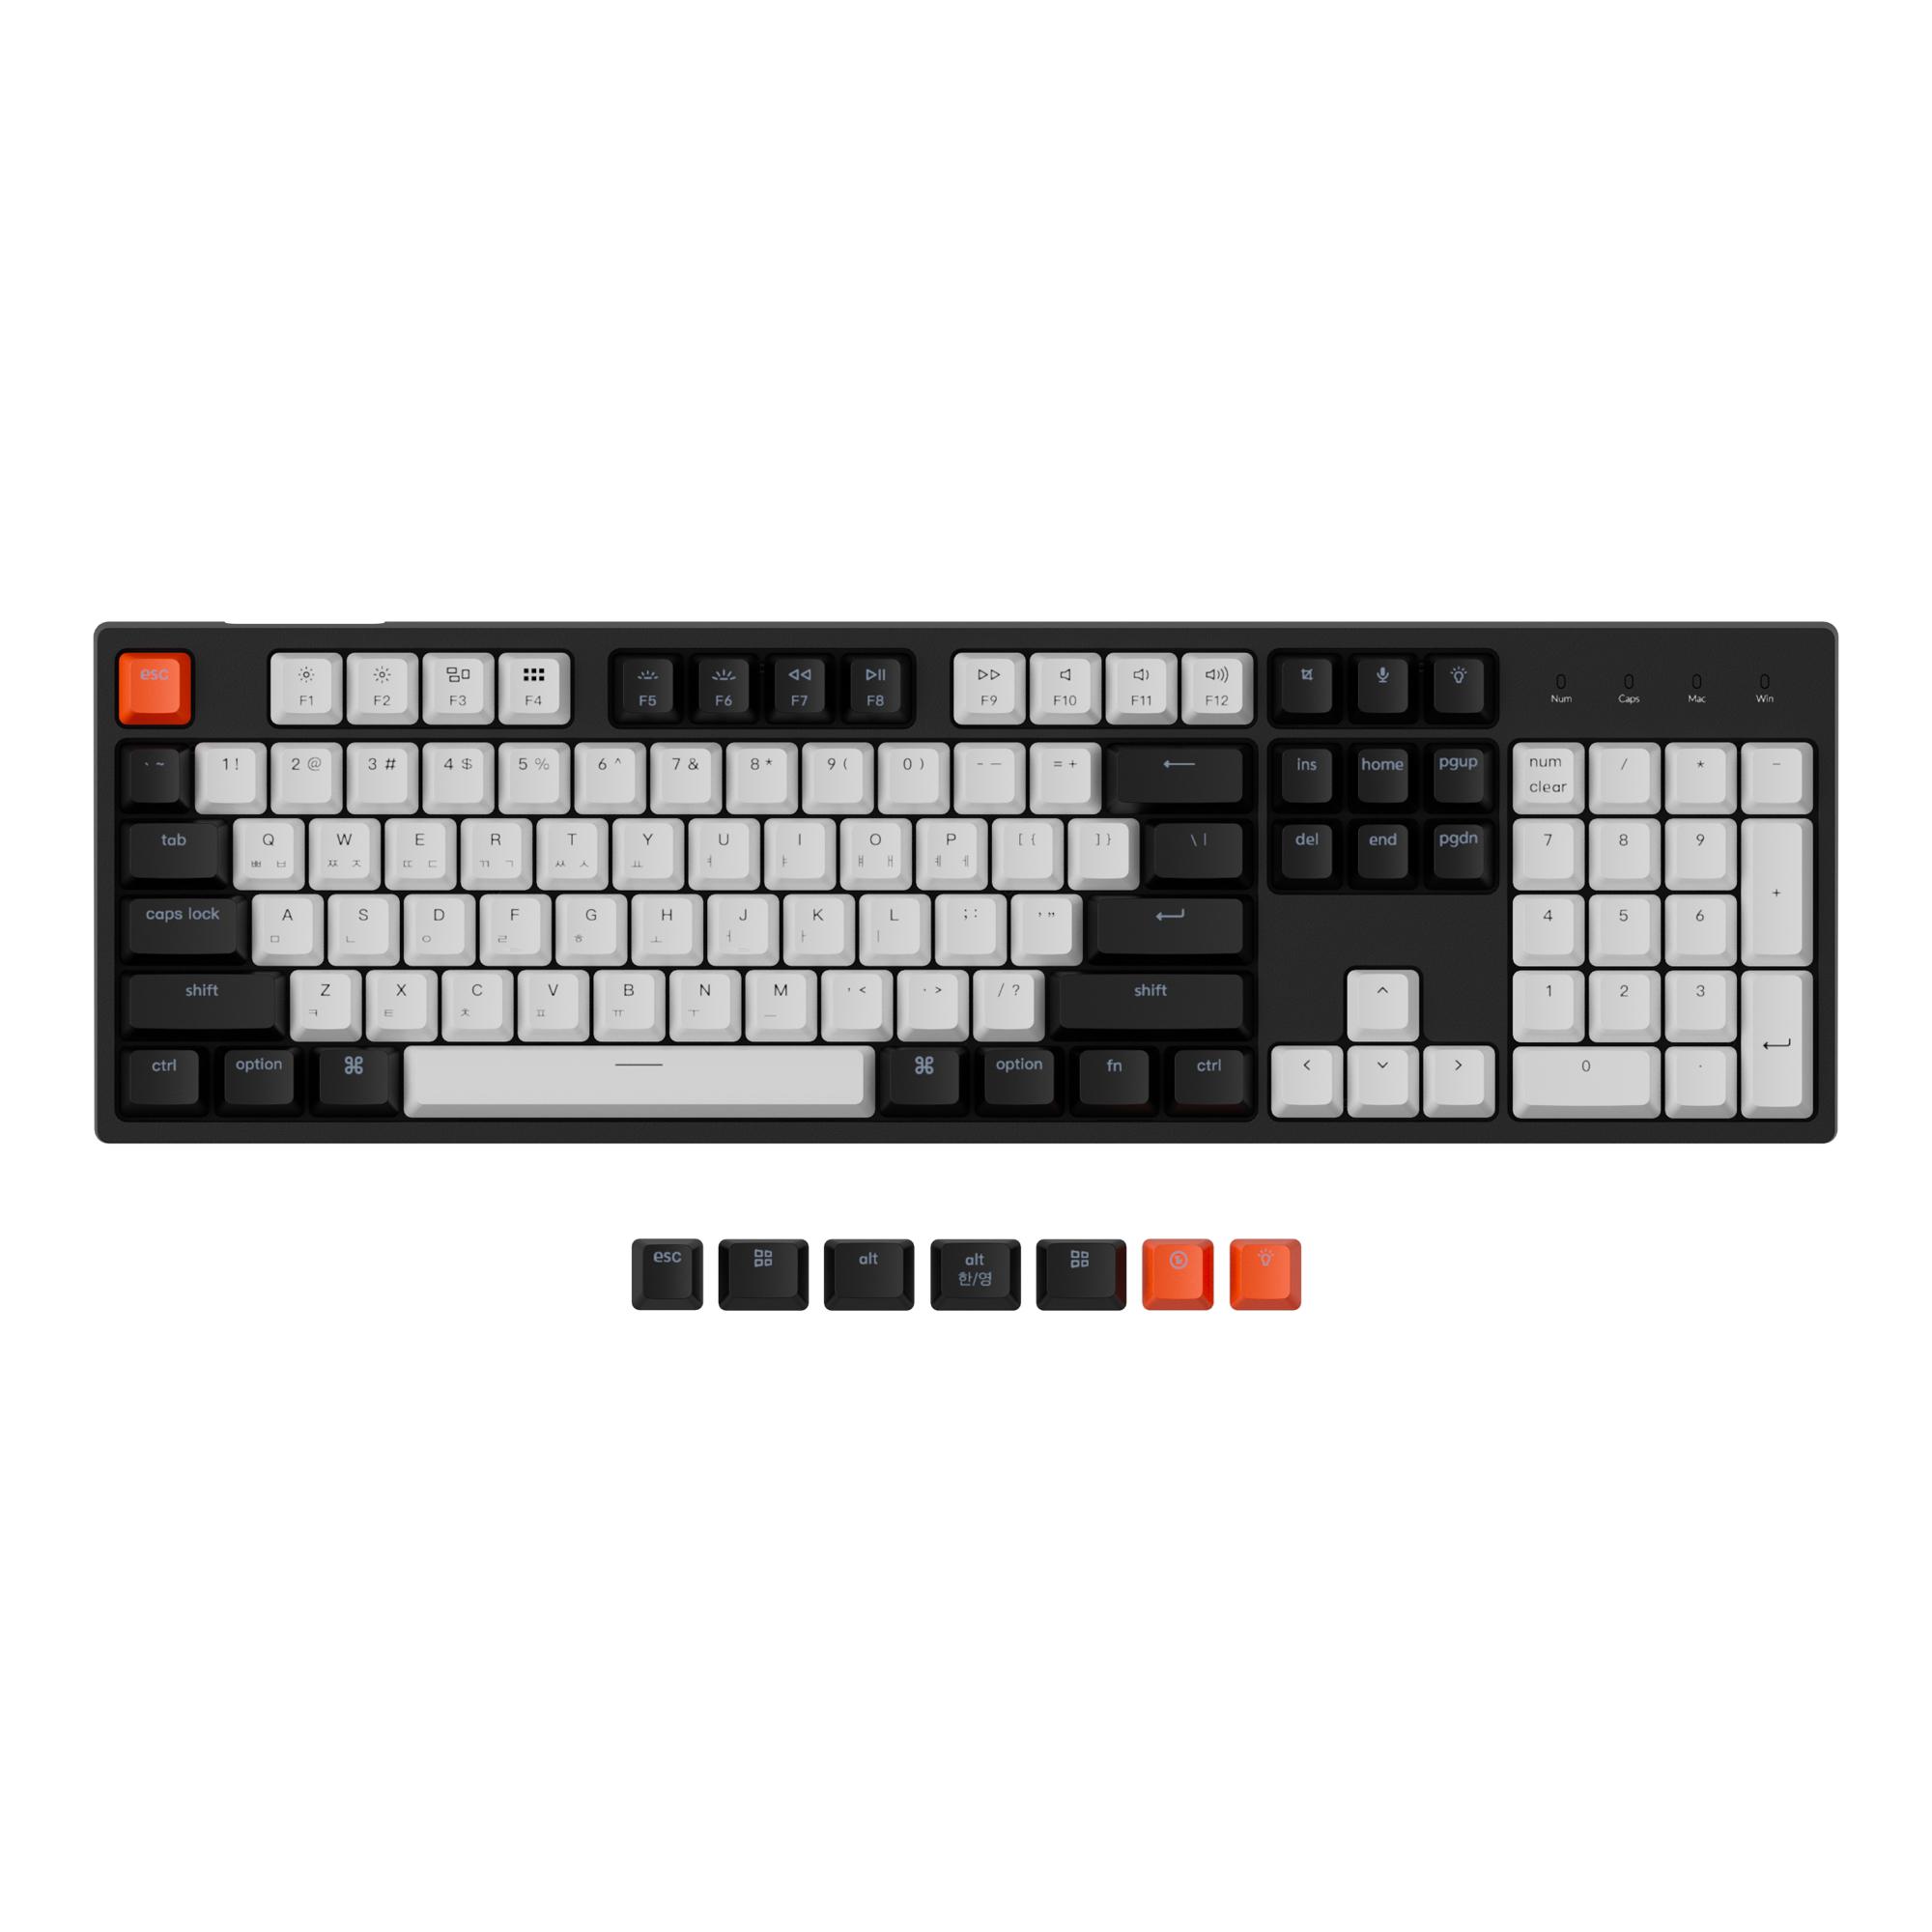 키크론 RGB 풀배열 유선 기계식키보드 적축, Black White(키캡), C2B1, 일반형